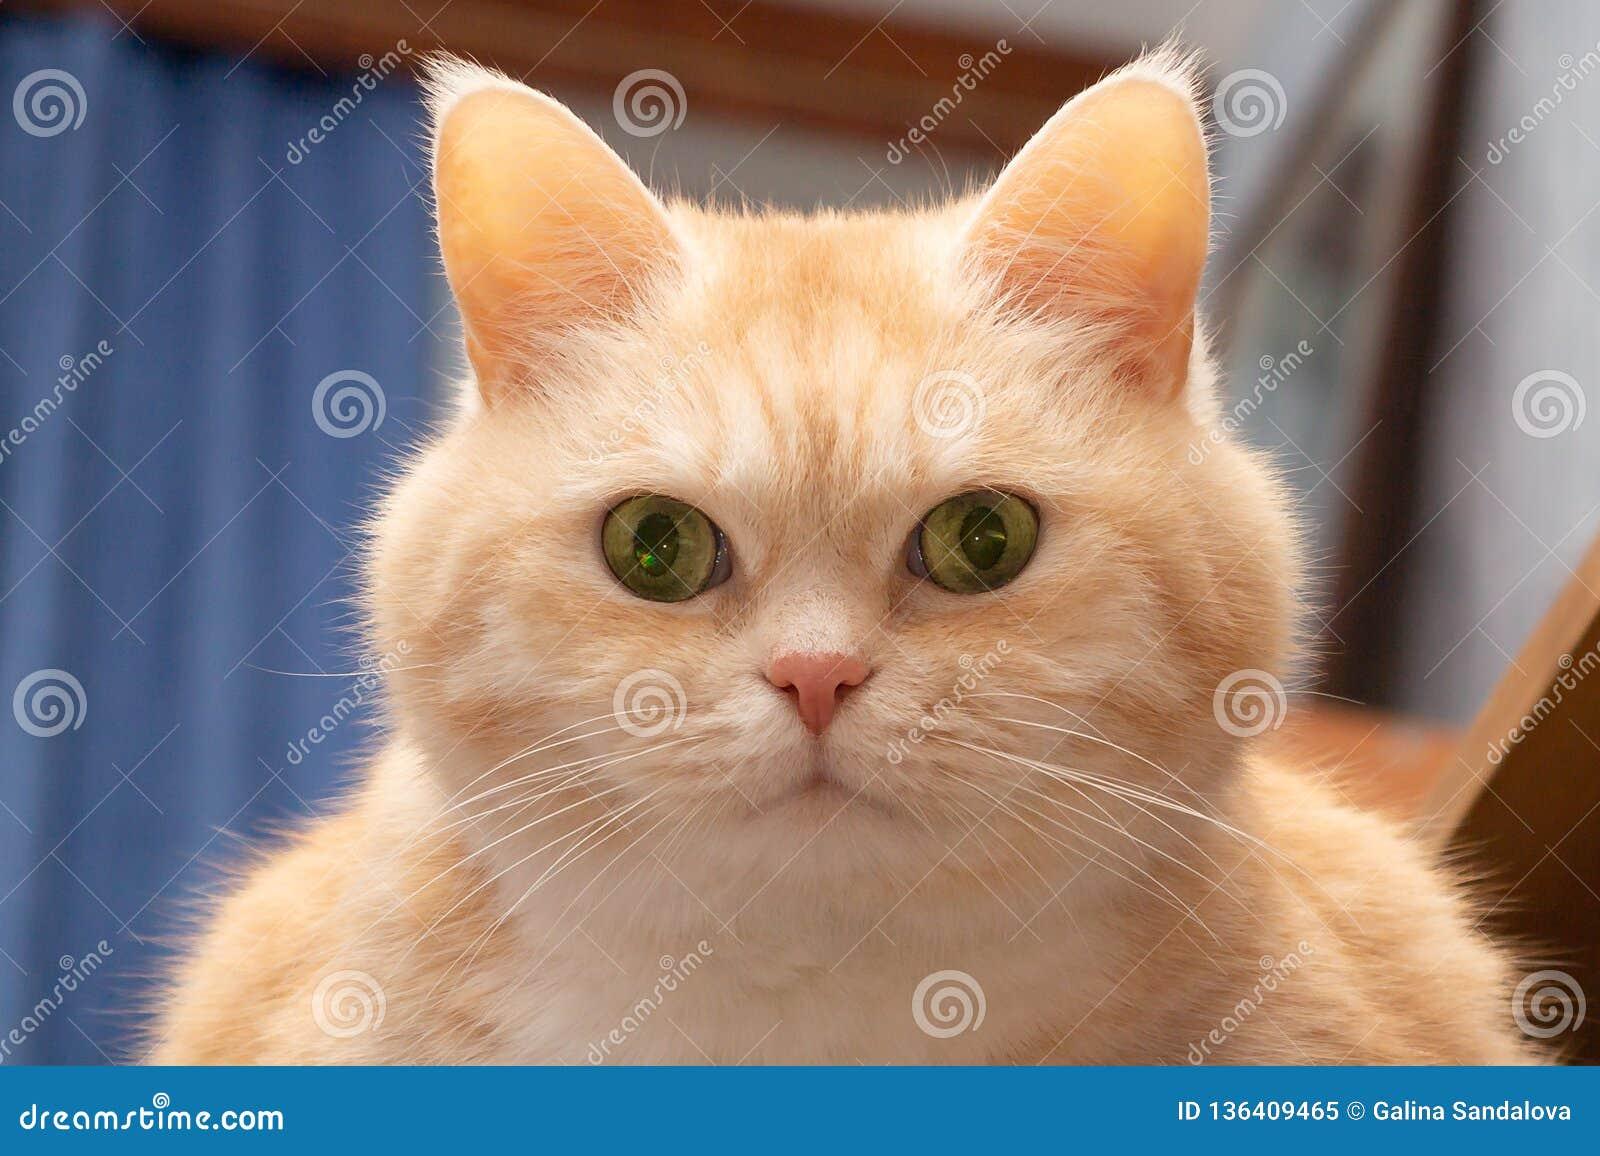 Närbildstående av en gullig fet allvarlig kräm- strimmig kattkatt med gröna ögon som ser direkt in i kameran